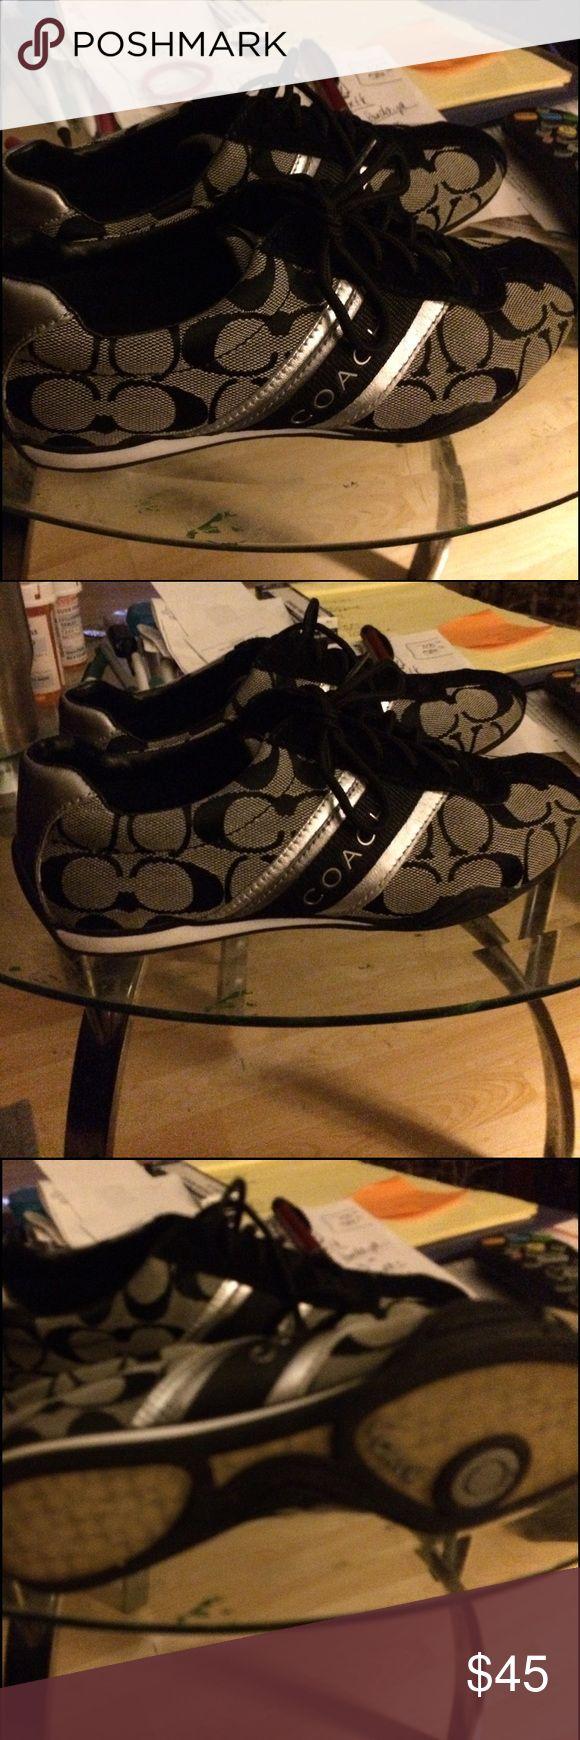 Coach tennis shoes Gorgeous coach tennis shoes euc Coach Shoes Sneakers